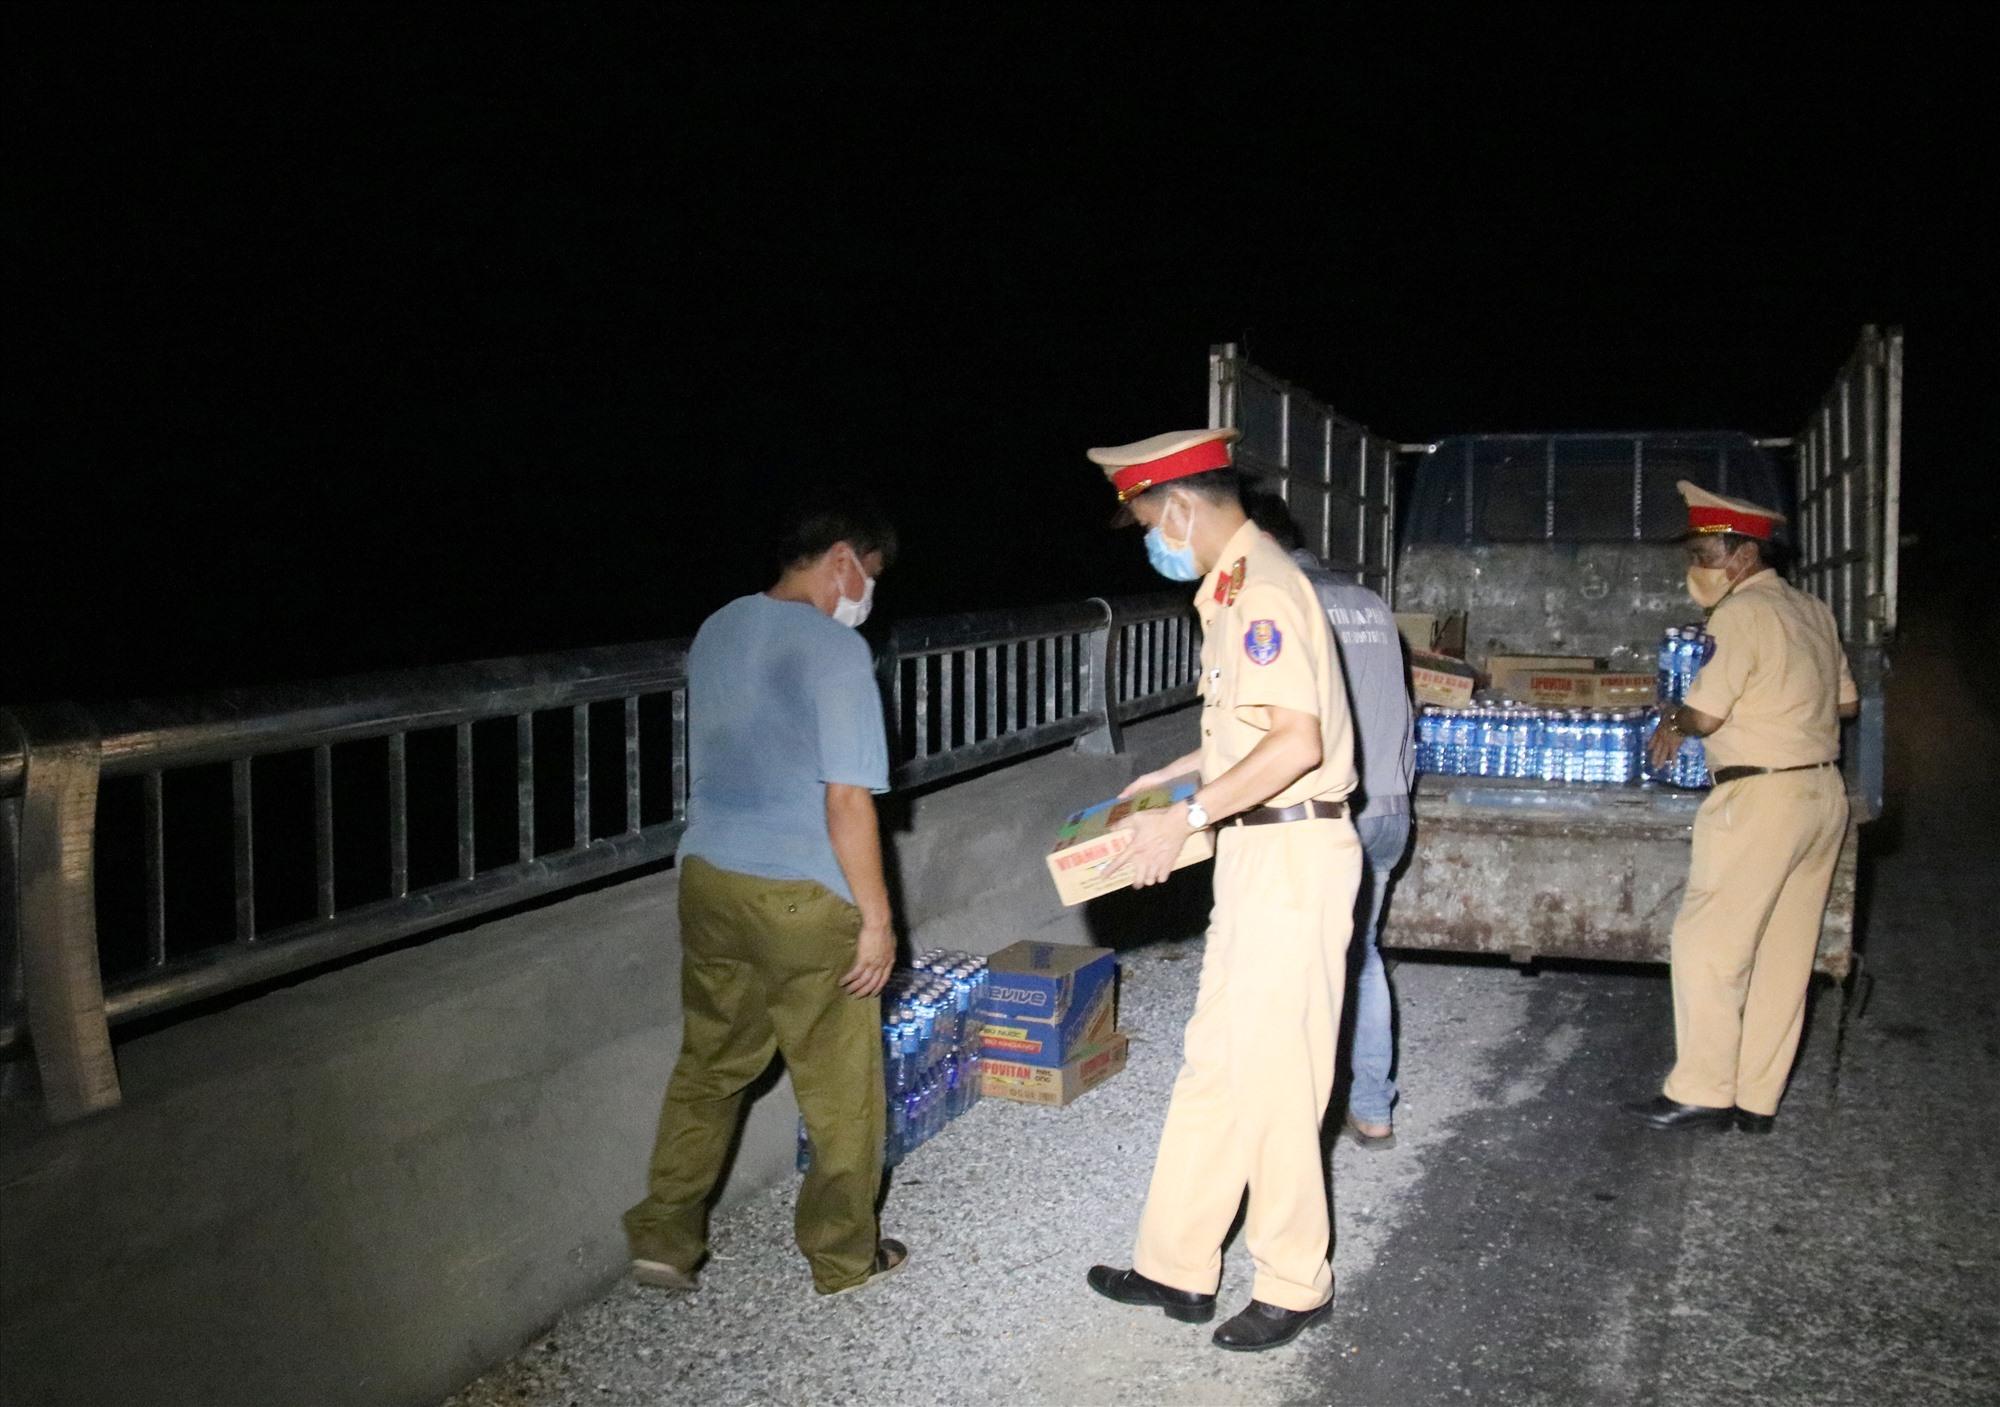 Lực lượng CSGT bố trí thức ăn, nước uống do các mạnh thường quân hỗ trợ tại một điểm nghỉ dọc đường. Ảnh: H.Q